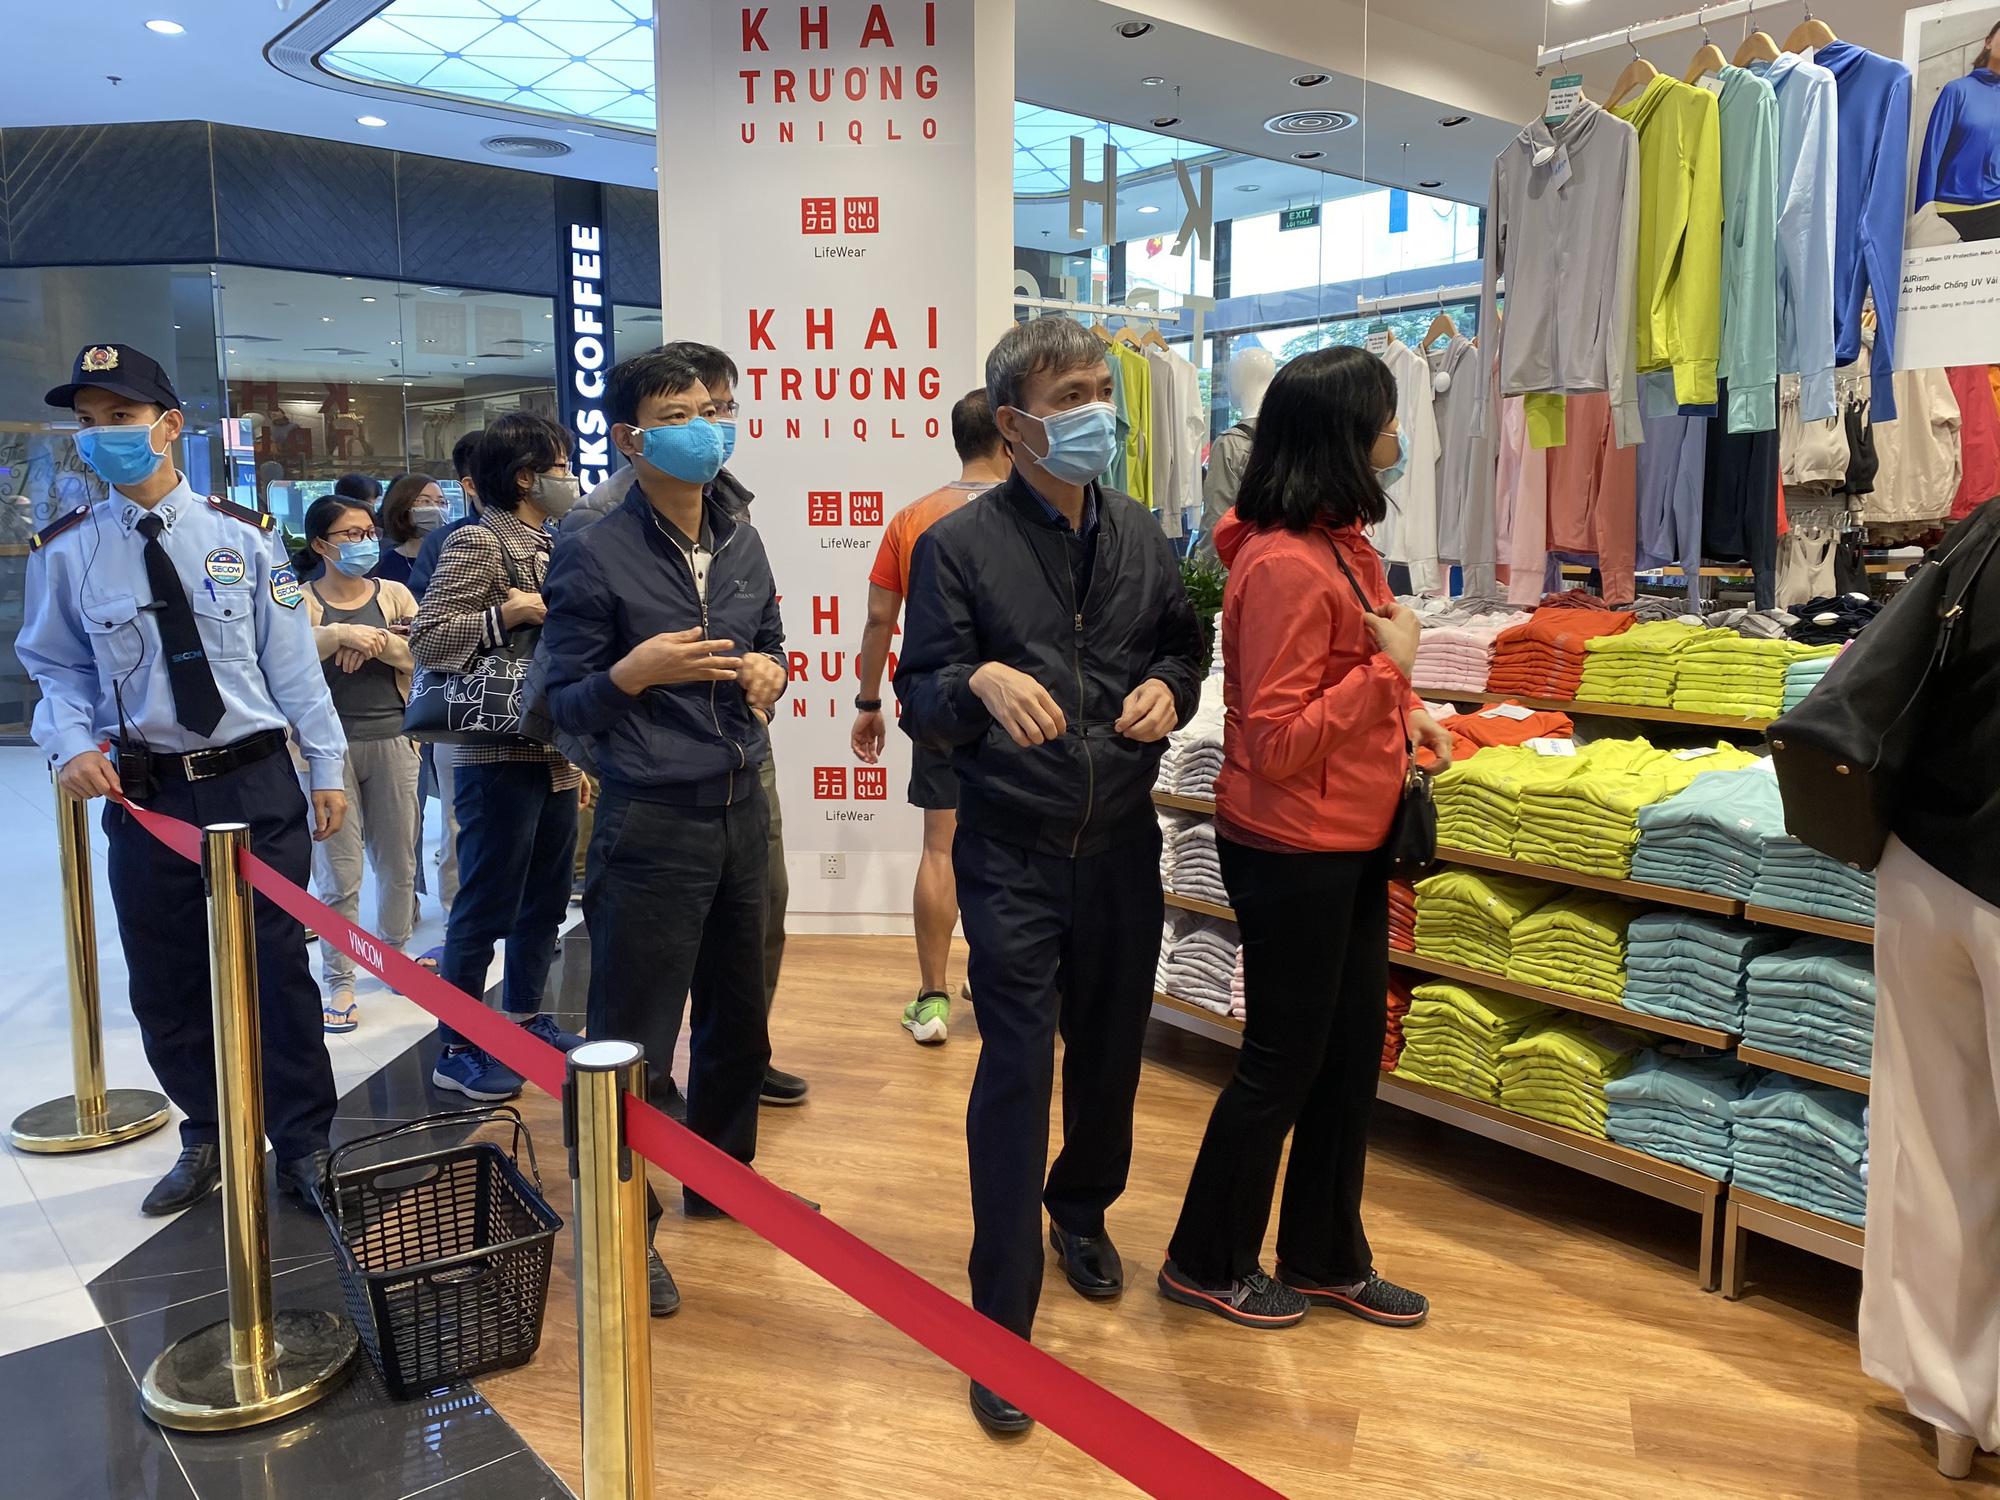 Uniqlo Hà Nội sau 1 tuần khai trương, khách hàng vẫn tới trải nghiệm mua sắm dù đang có dịch bệnh - Ảnh 4.